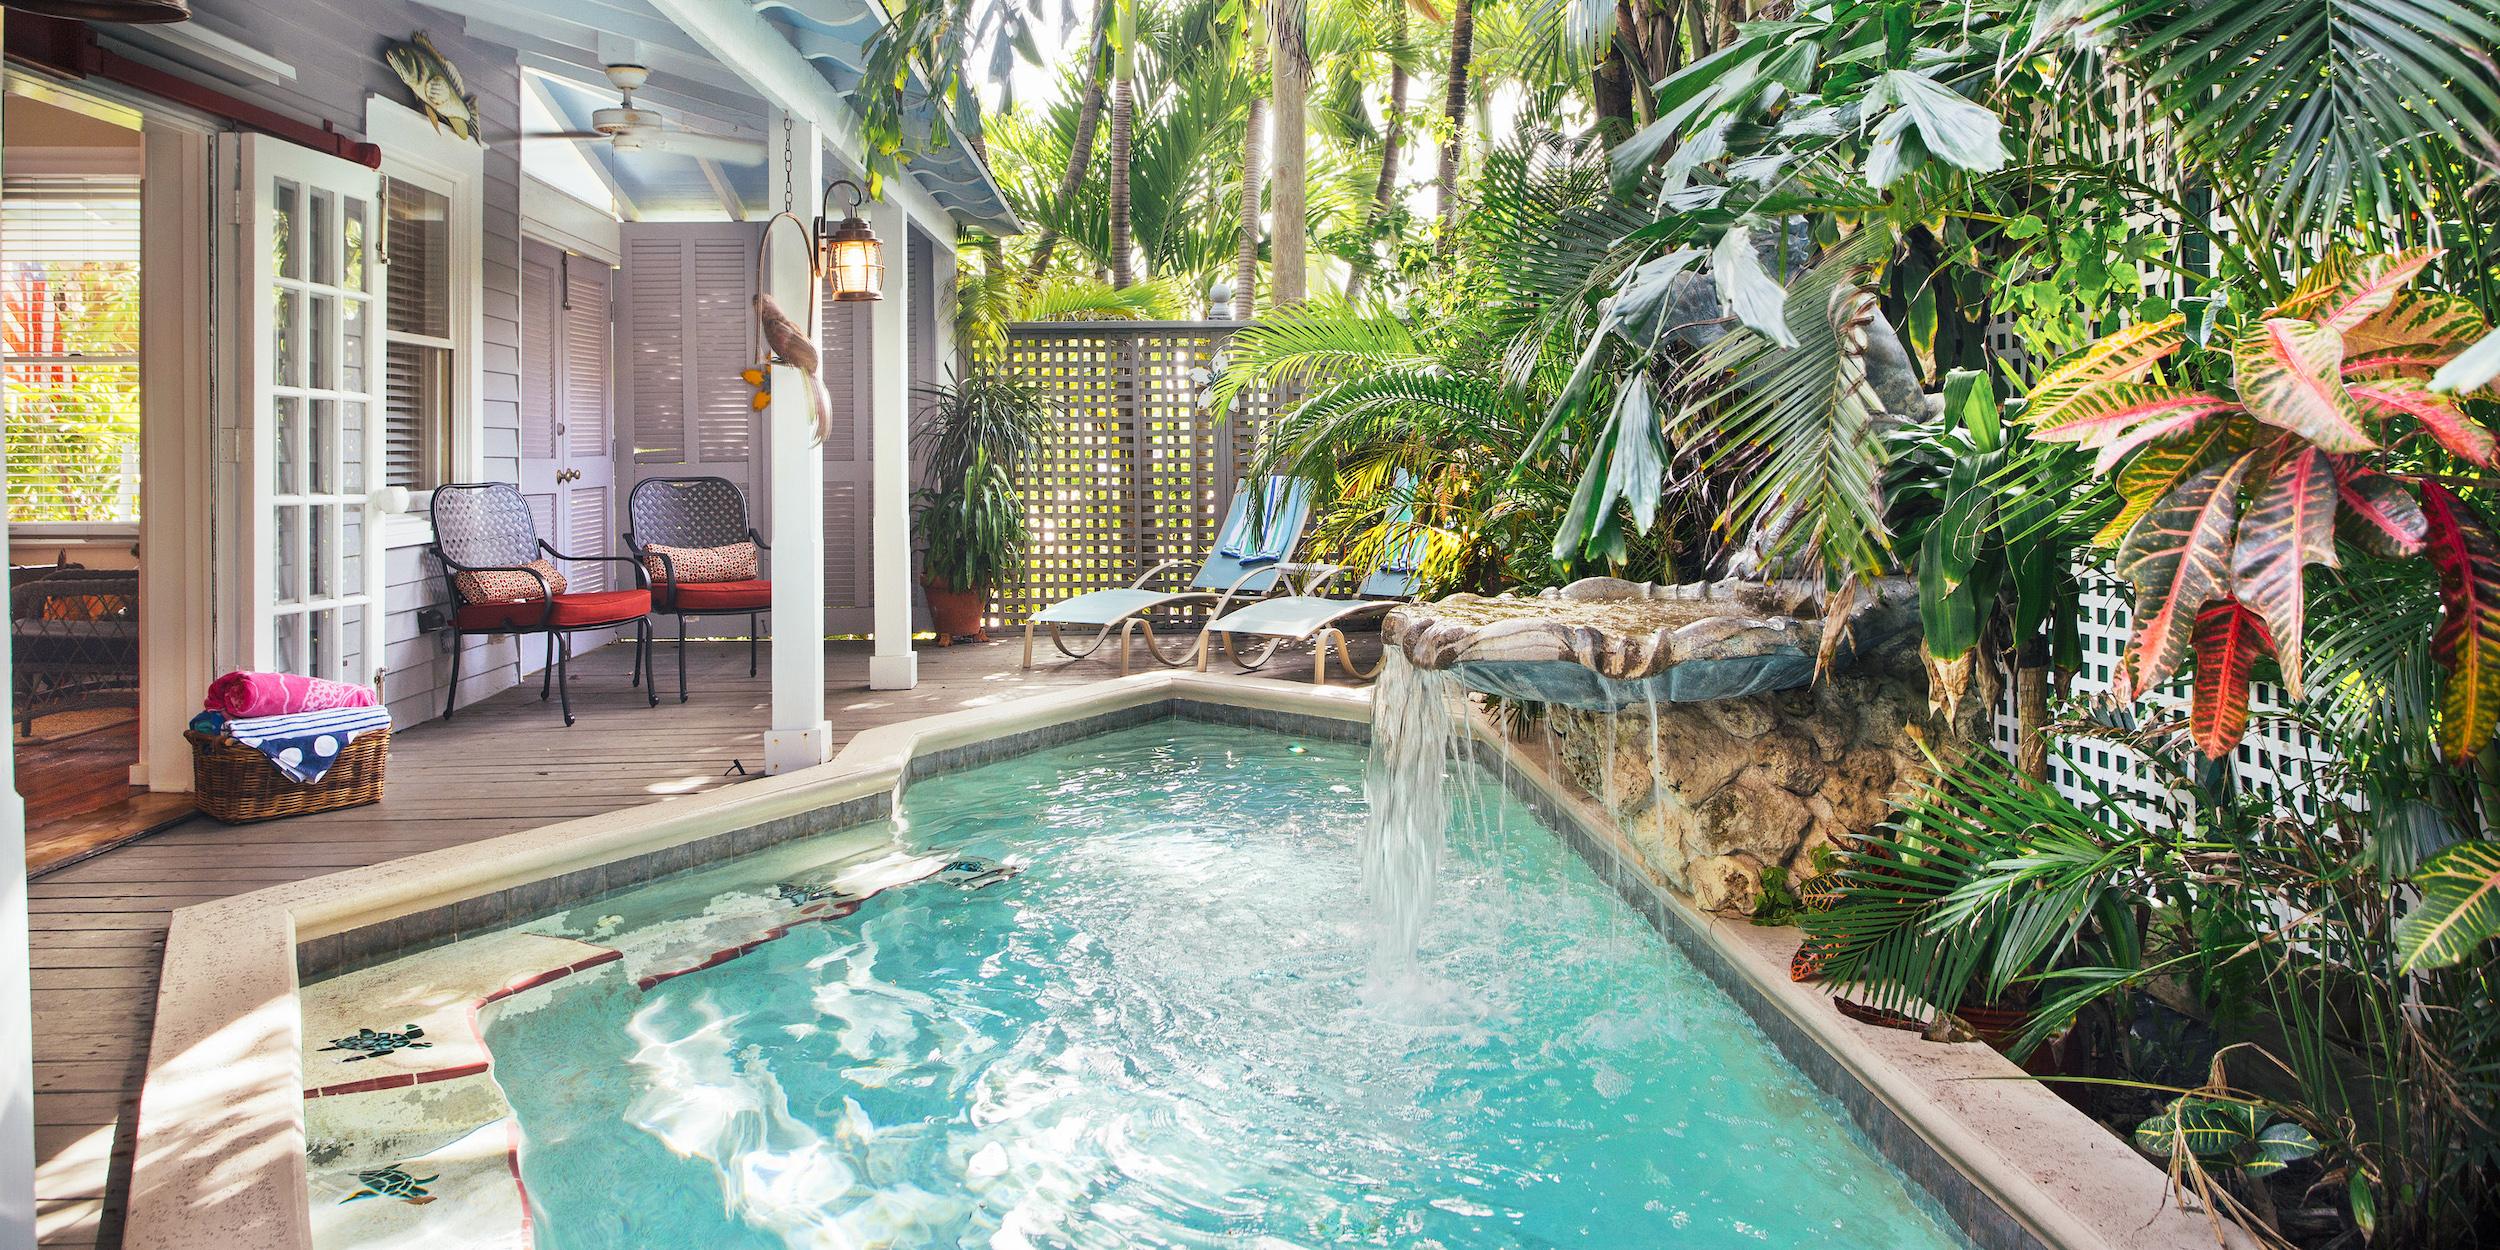 Florida keys villa 486741 2